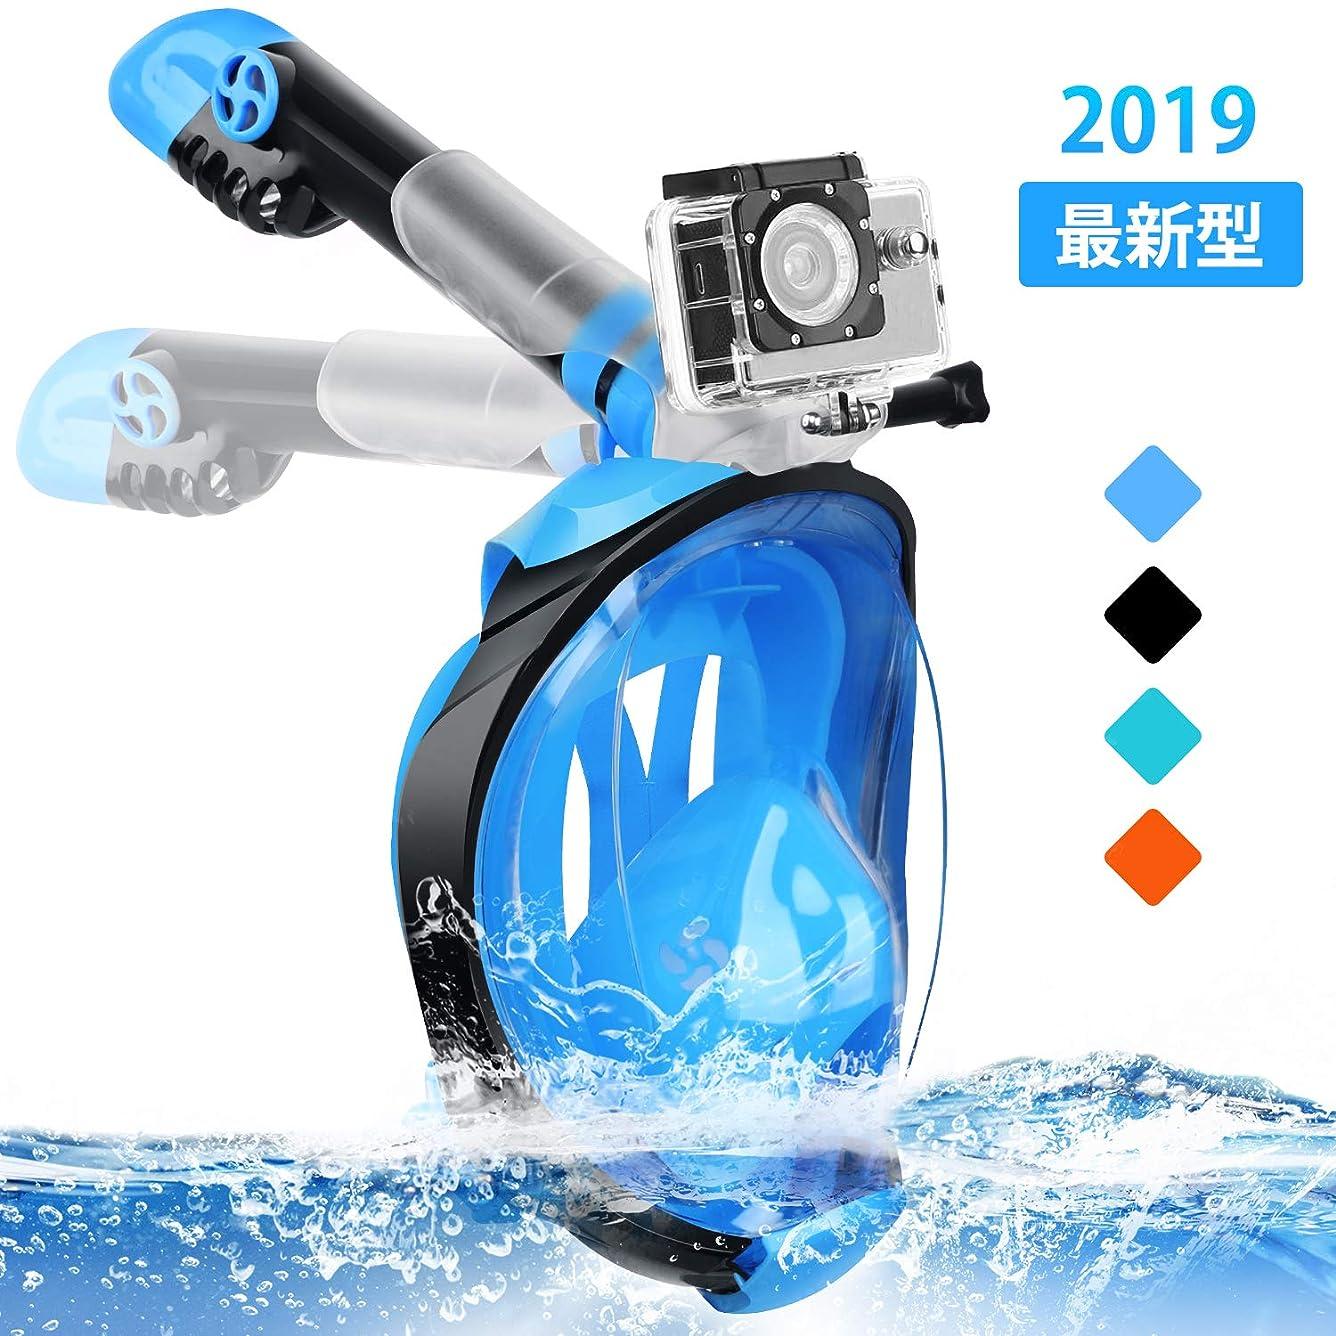 恥ずかしい準備した継続中Greatever 2019最新型 シュノーケルマスク ダイビングマスク フルフェイス型 革新的な CO2- 空気分離 自由に呼吸可能 安全 スノーケルマスク 180°のワイドビュー 曇り止め 男女兼用 スポーツカメラ取付可能 水中撮影 折り畳み式 携帯 収納便利 耳栓付き 水泳 旅行